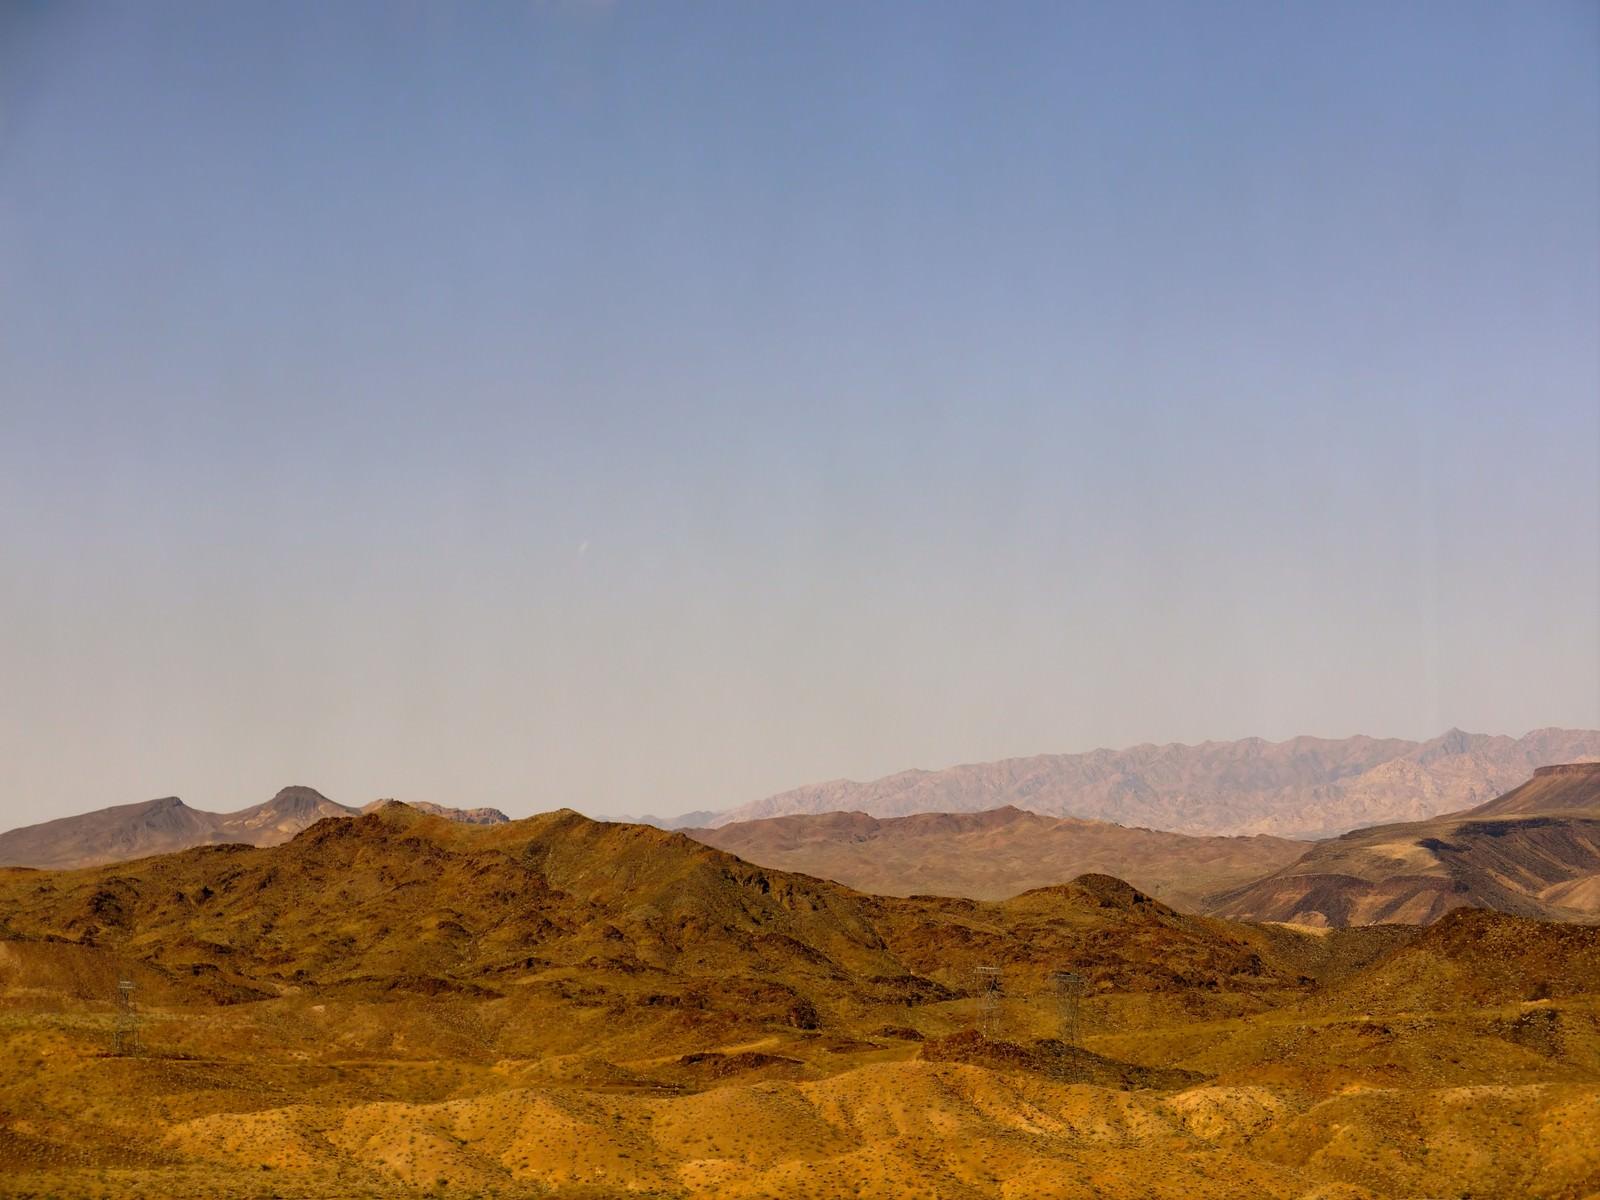 「ラスベガス周辺の山ラスベガス周辺の山」のフリー写真素材を拡大